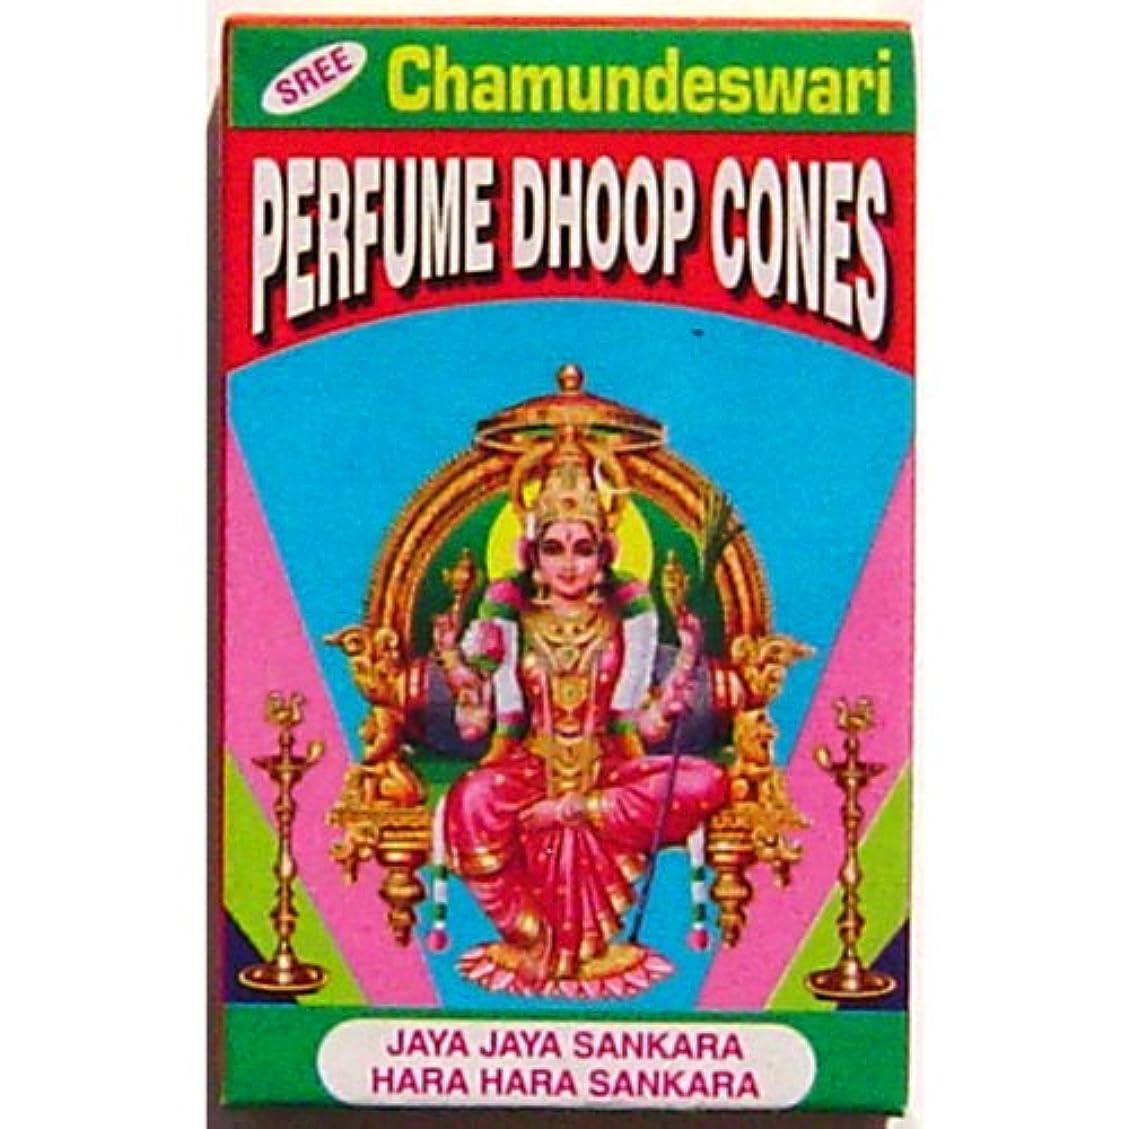 ヘクタール野心マウントバンクVedavyasa Dhoop Cones – Sree Chamundeswari – 10 perボックス